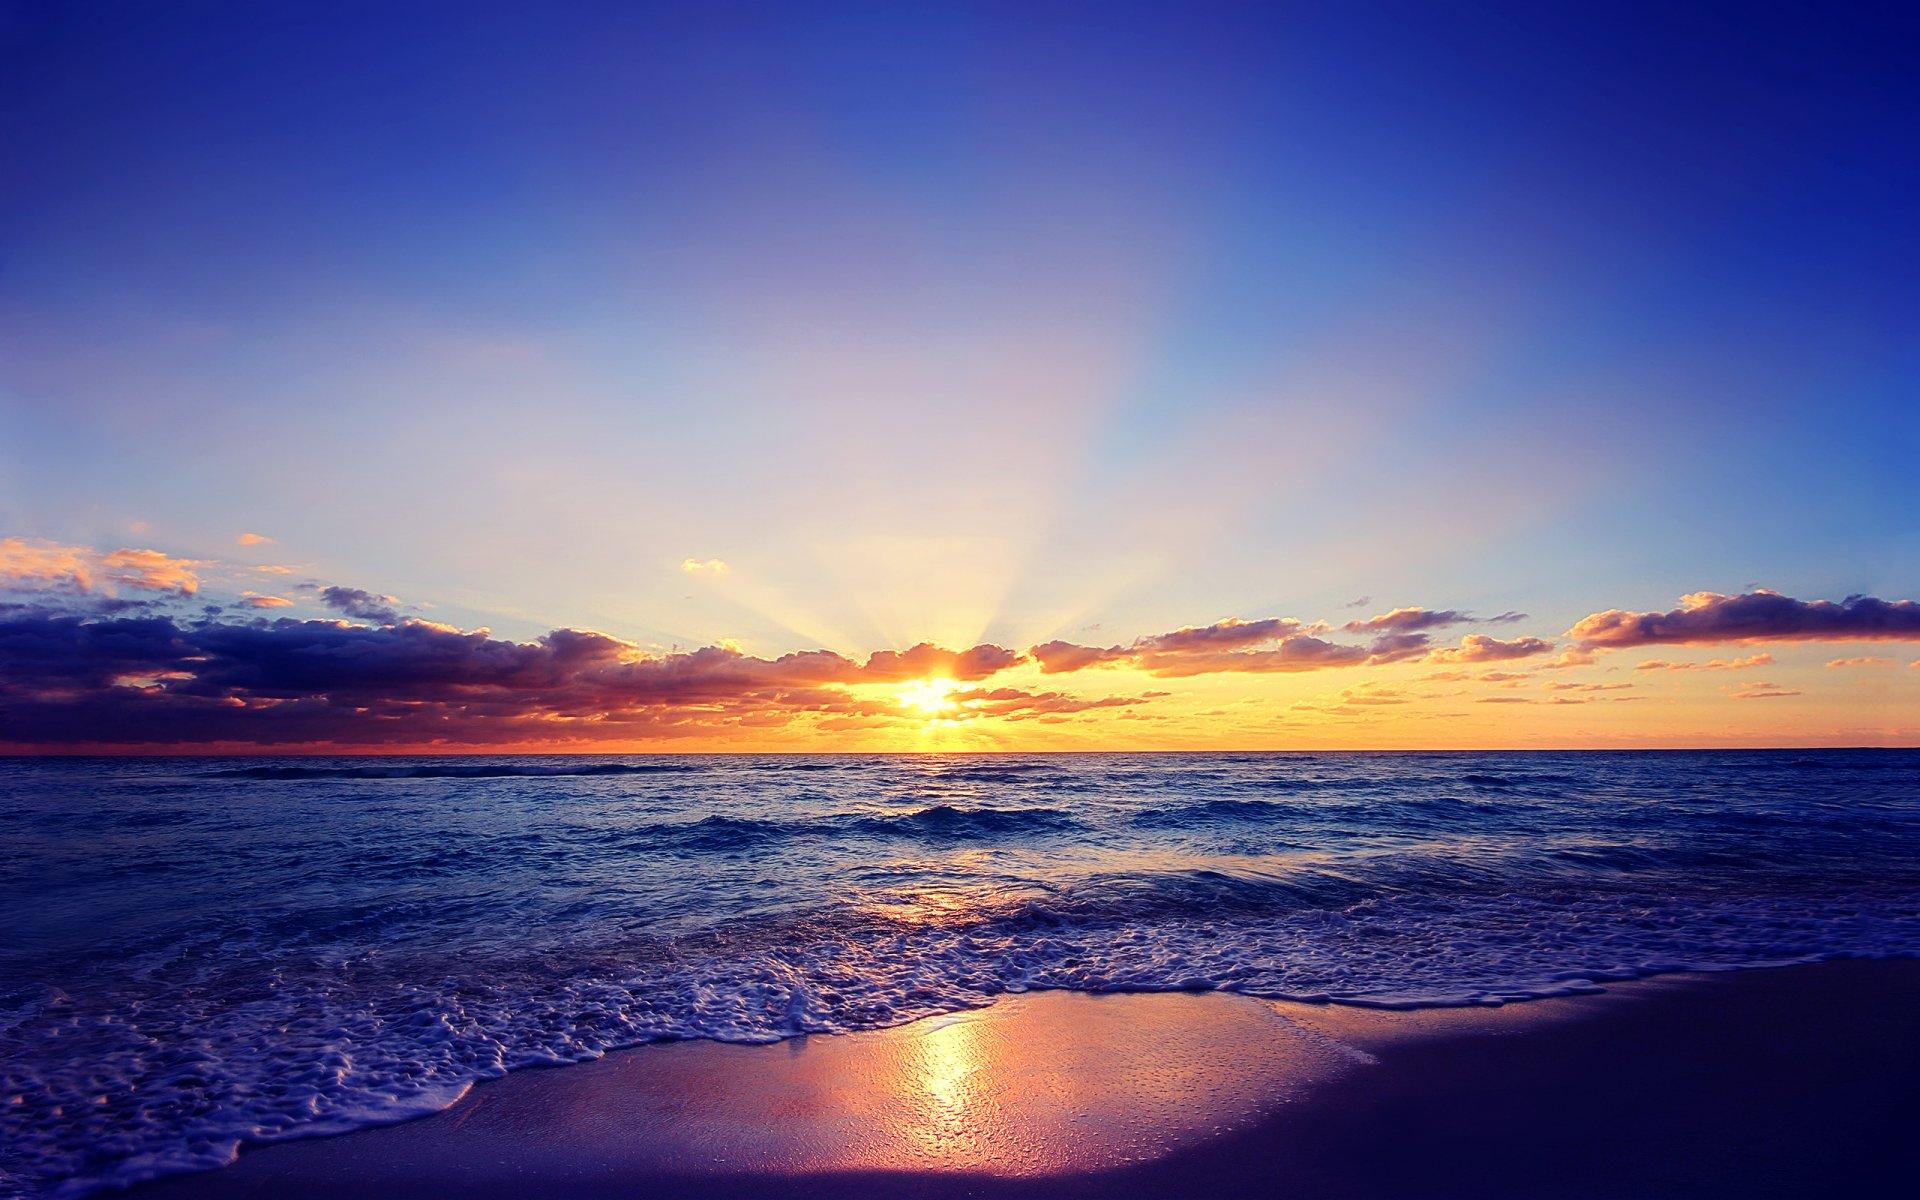 Картинки рассвет на море в хорошем качестве